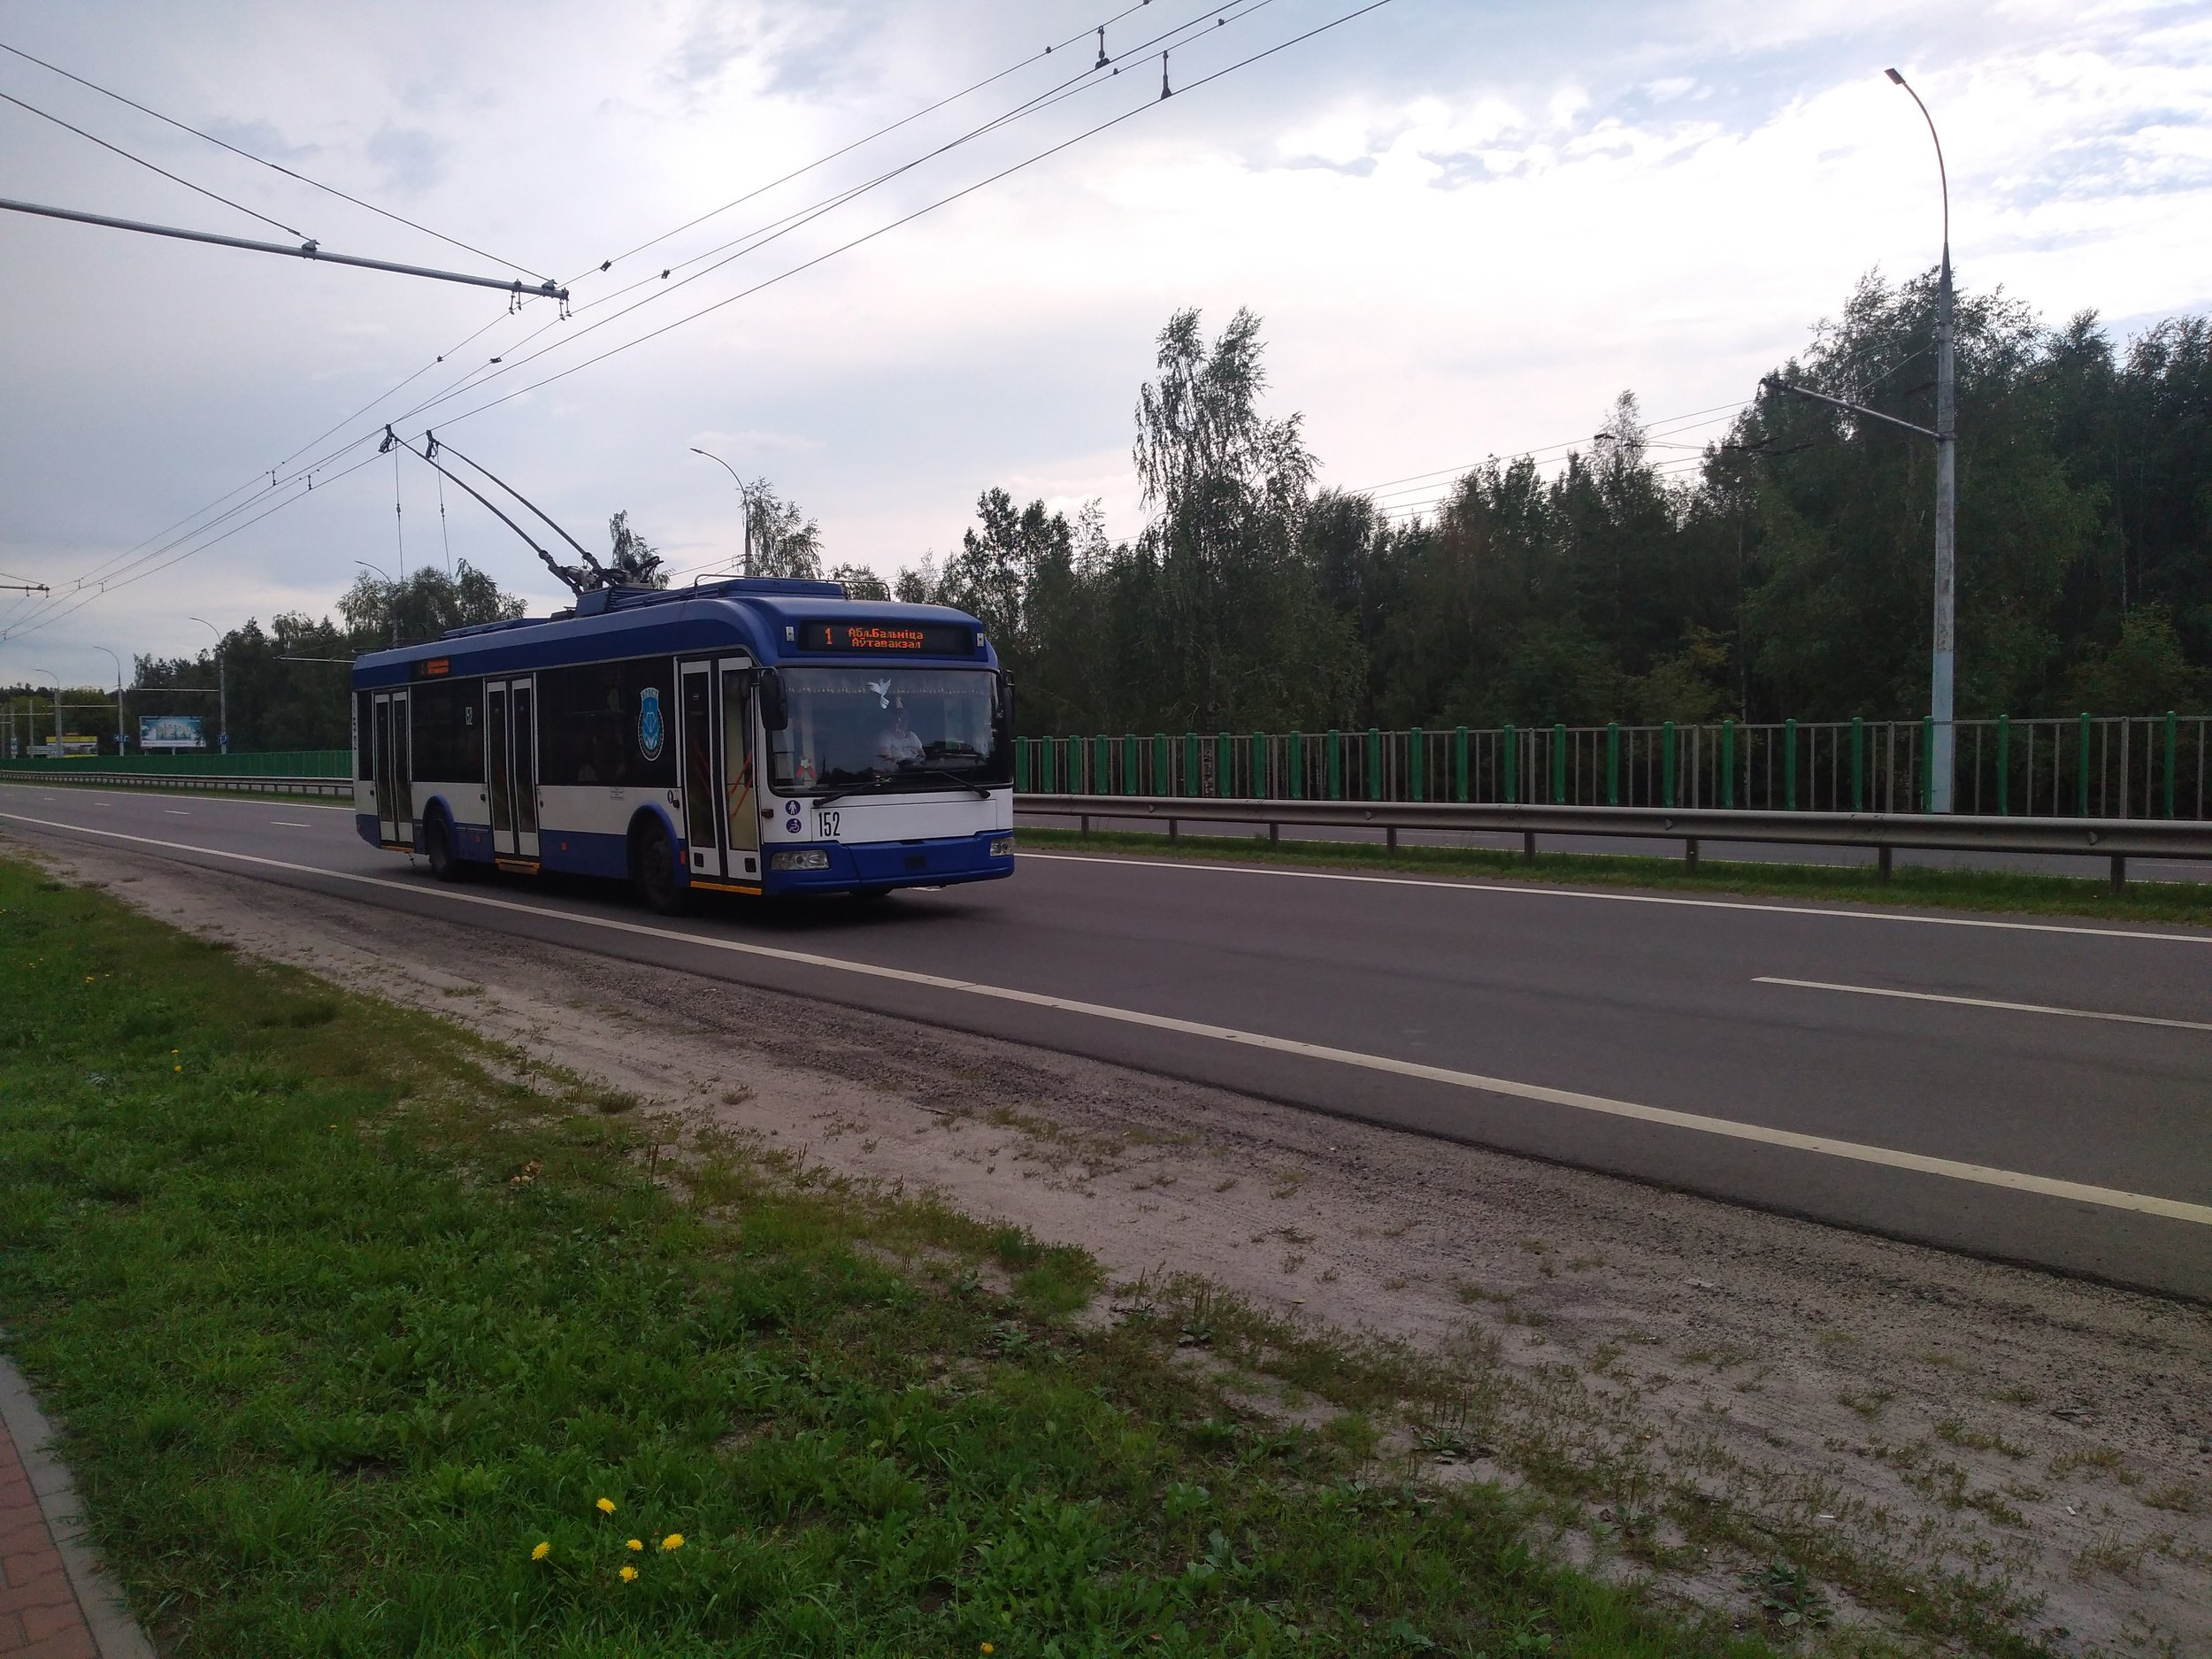 Poslední snímky ukazují situaci na trati k nemocnici i samotnou konečnou Oblastnaja bol'nica.